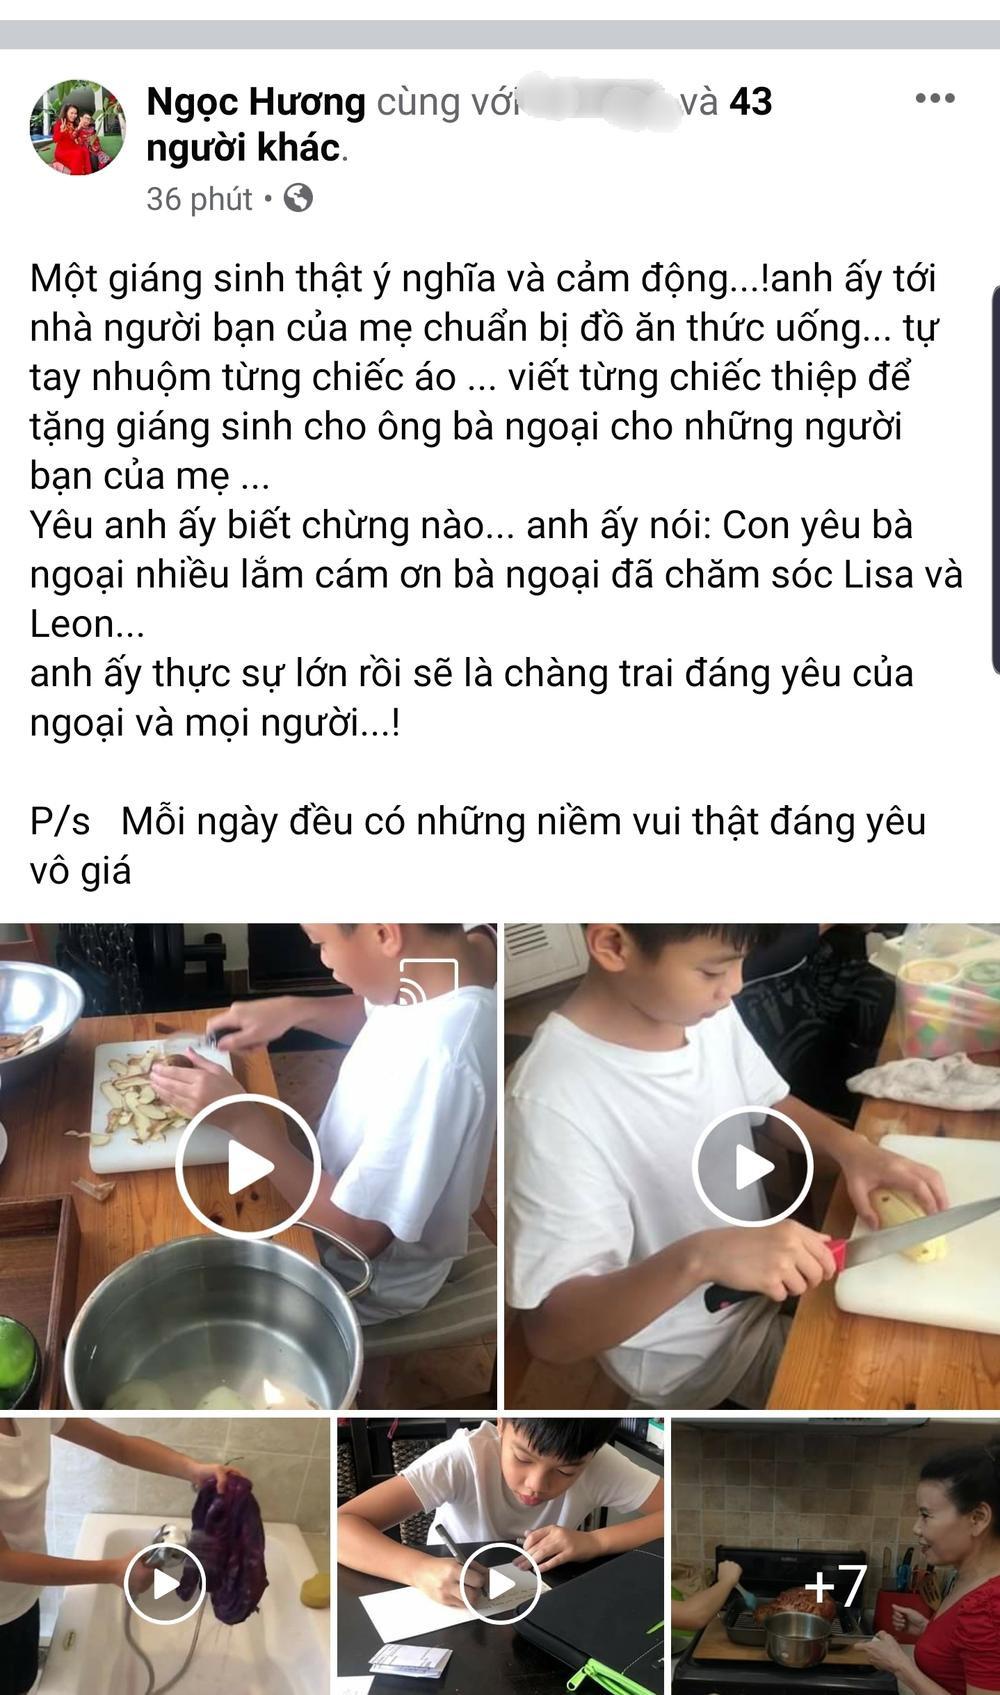 Bà ngoại Subeo không ngại cho cháu cầm dao, cùng nhau xuống bếp chuẩn bị đồ ăn cho Hà Hồ, Kim Lý Ảnh 1